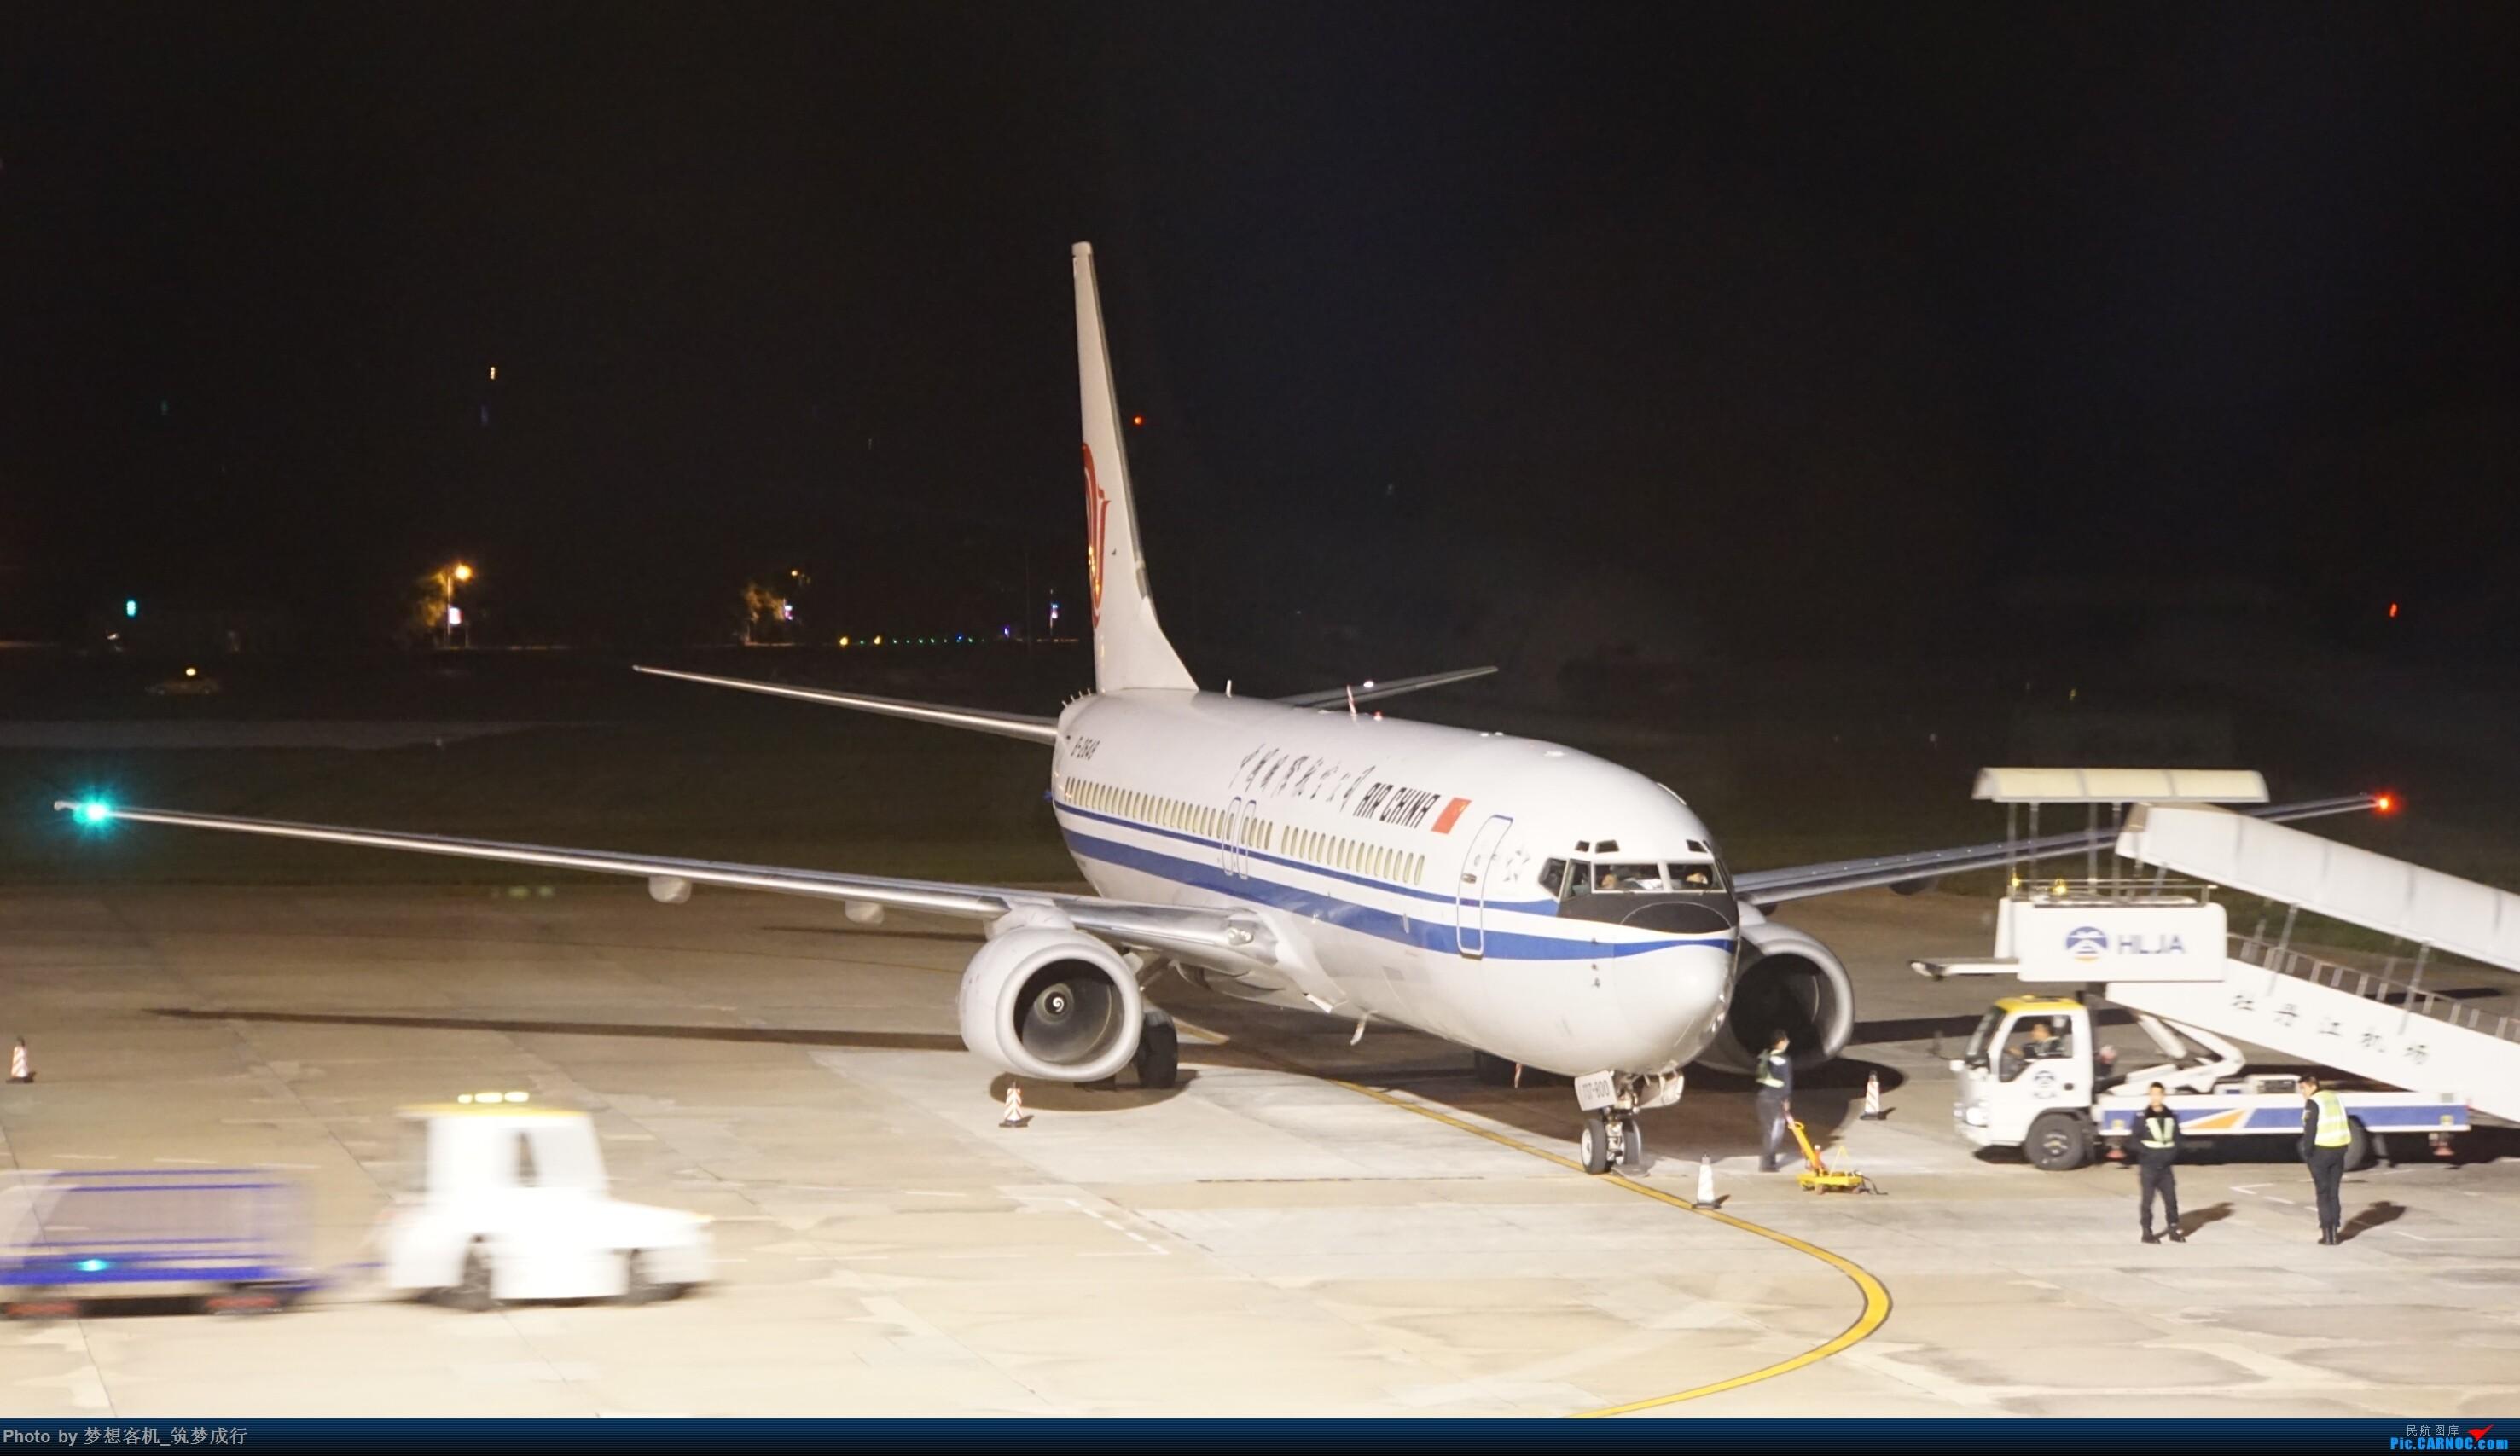 牡丹江海浪机场_牡丹江海浪机场到国际机场,再到桂林两江机场,机票多少钱?